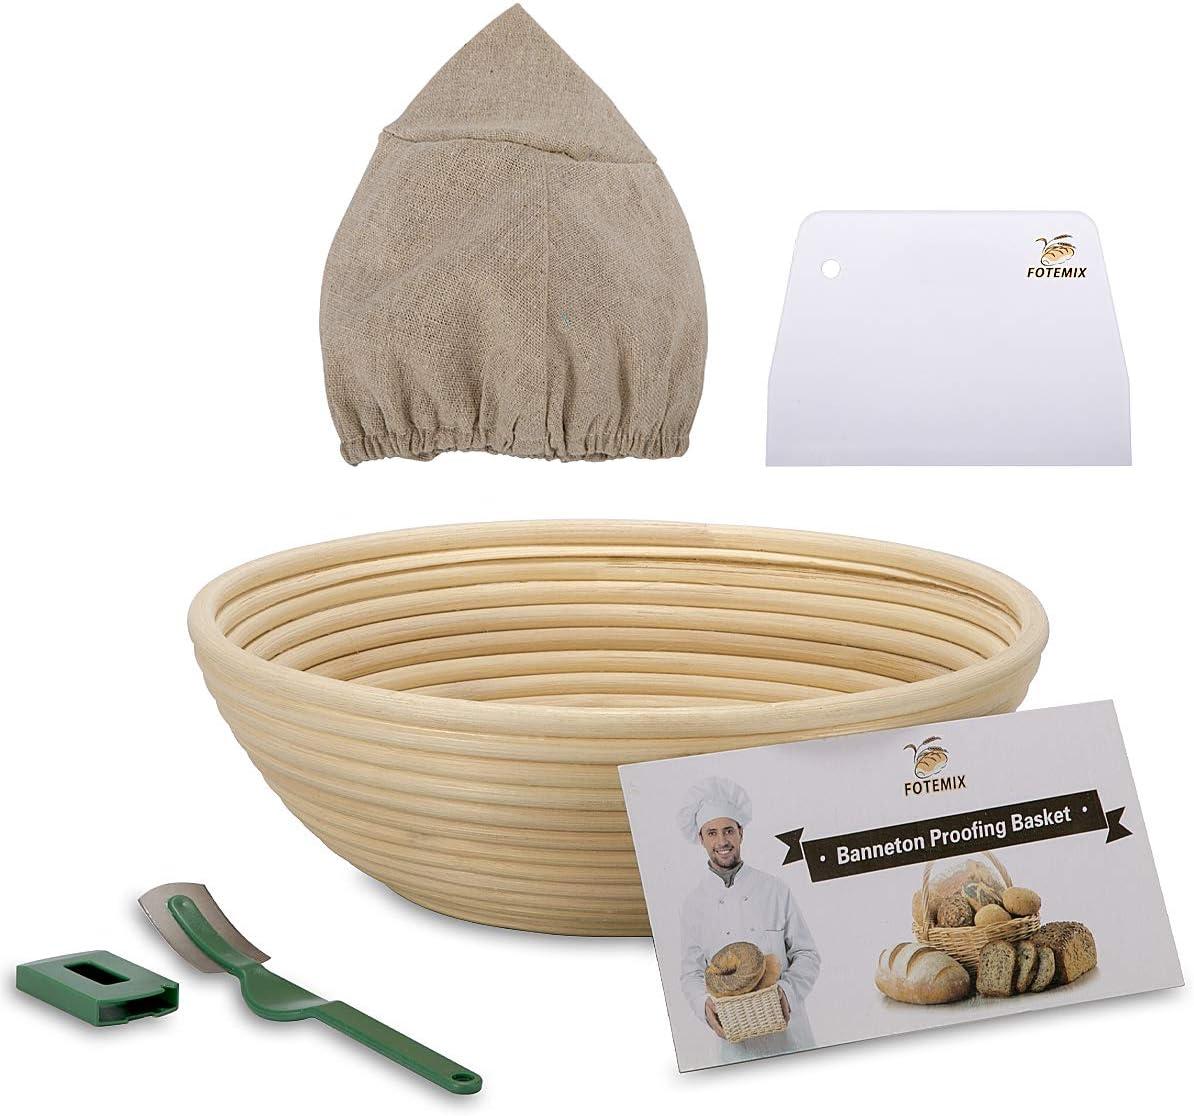 Brotgärkörbchen, 25 cm, Banneton-Proofing Basket + Tucheinlage + Teigschaber +..